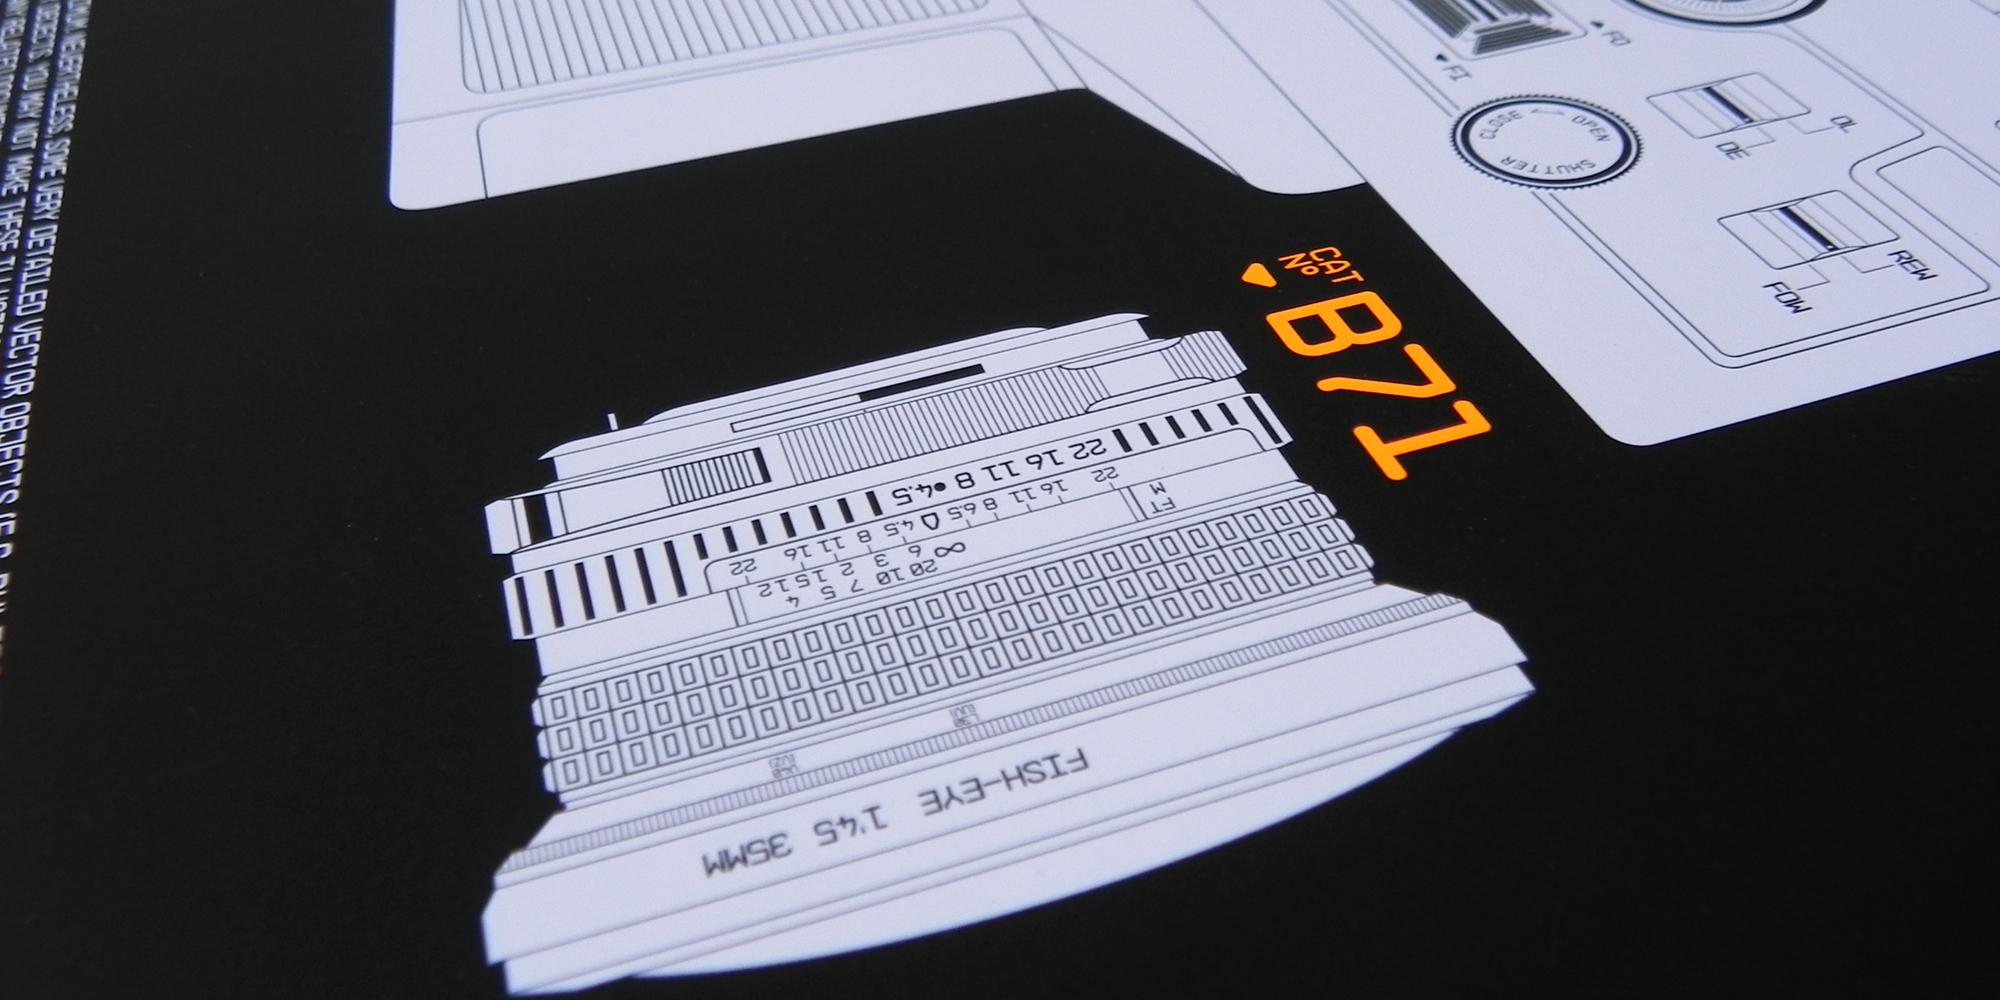 B57-71-D12